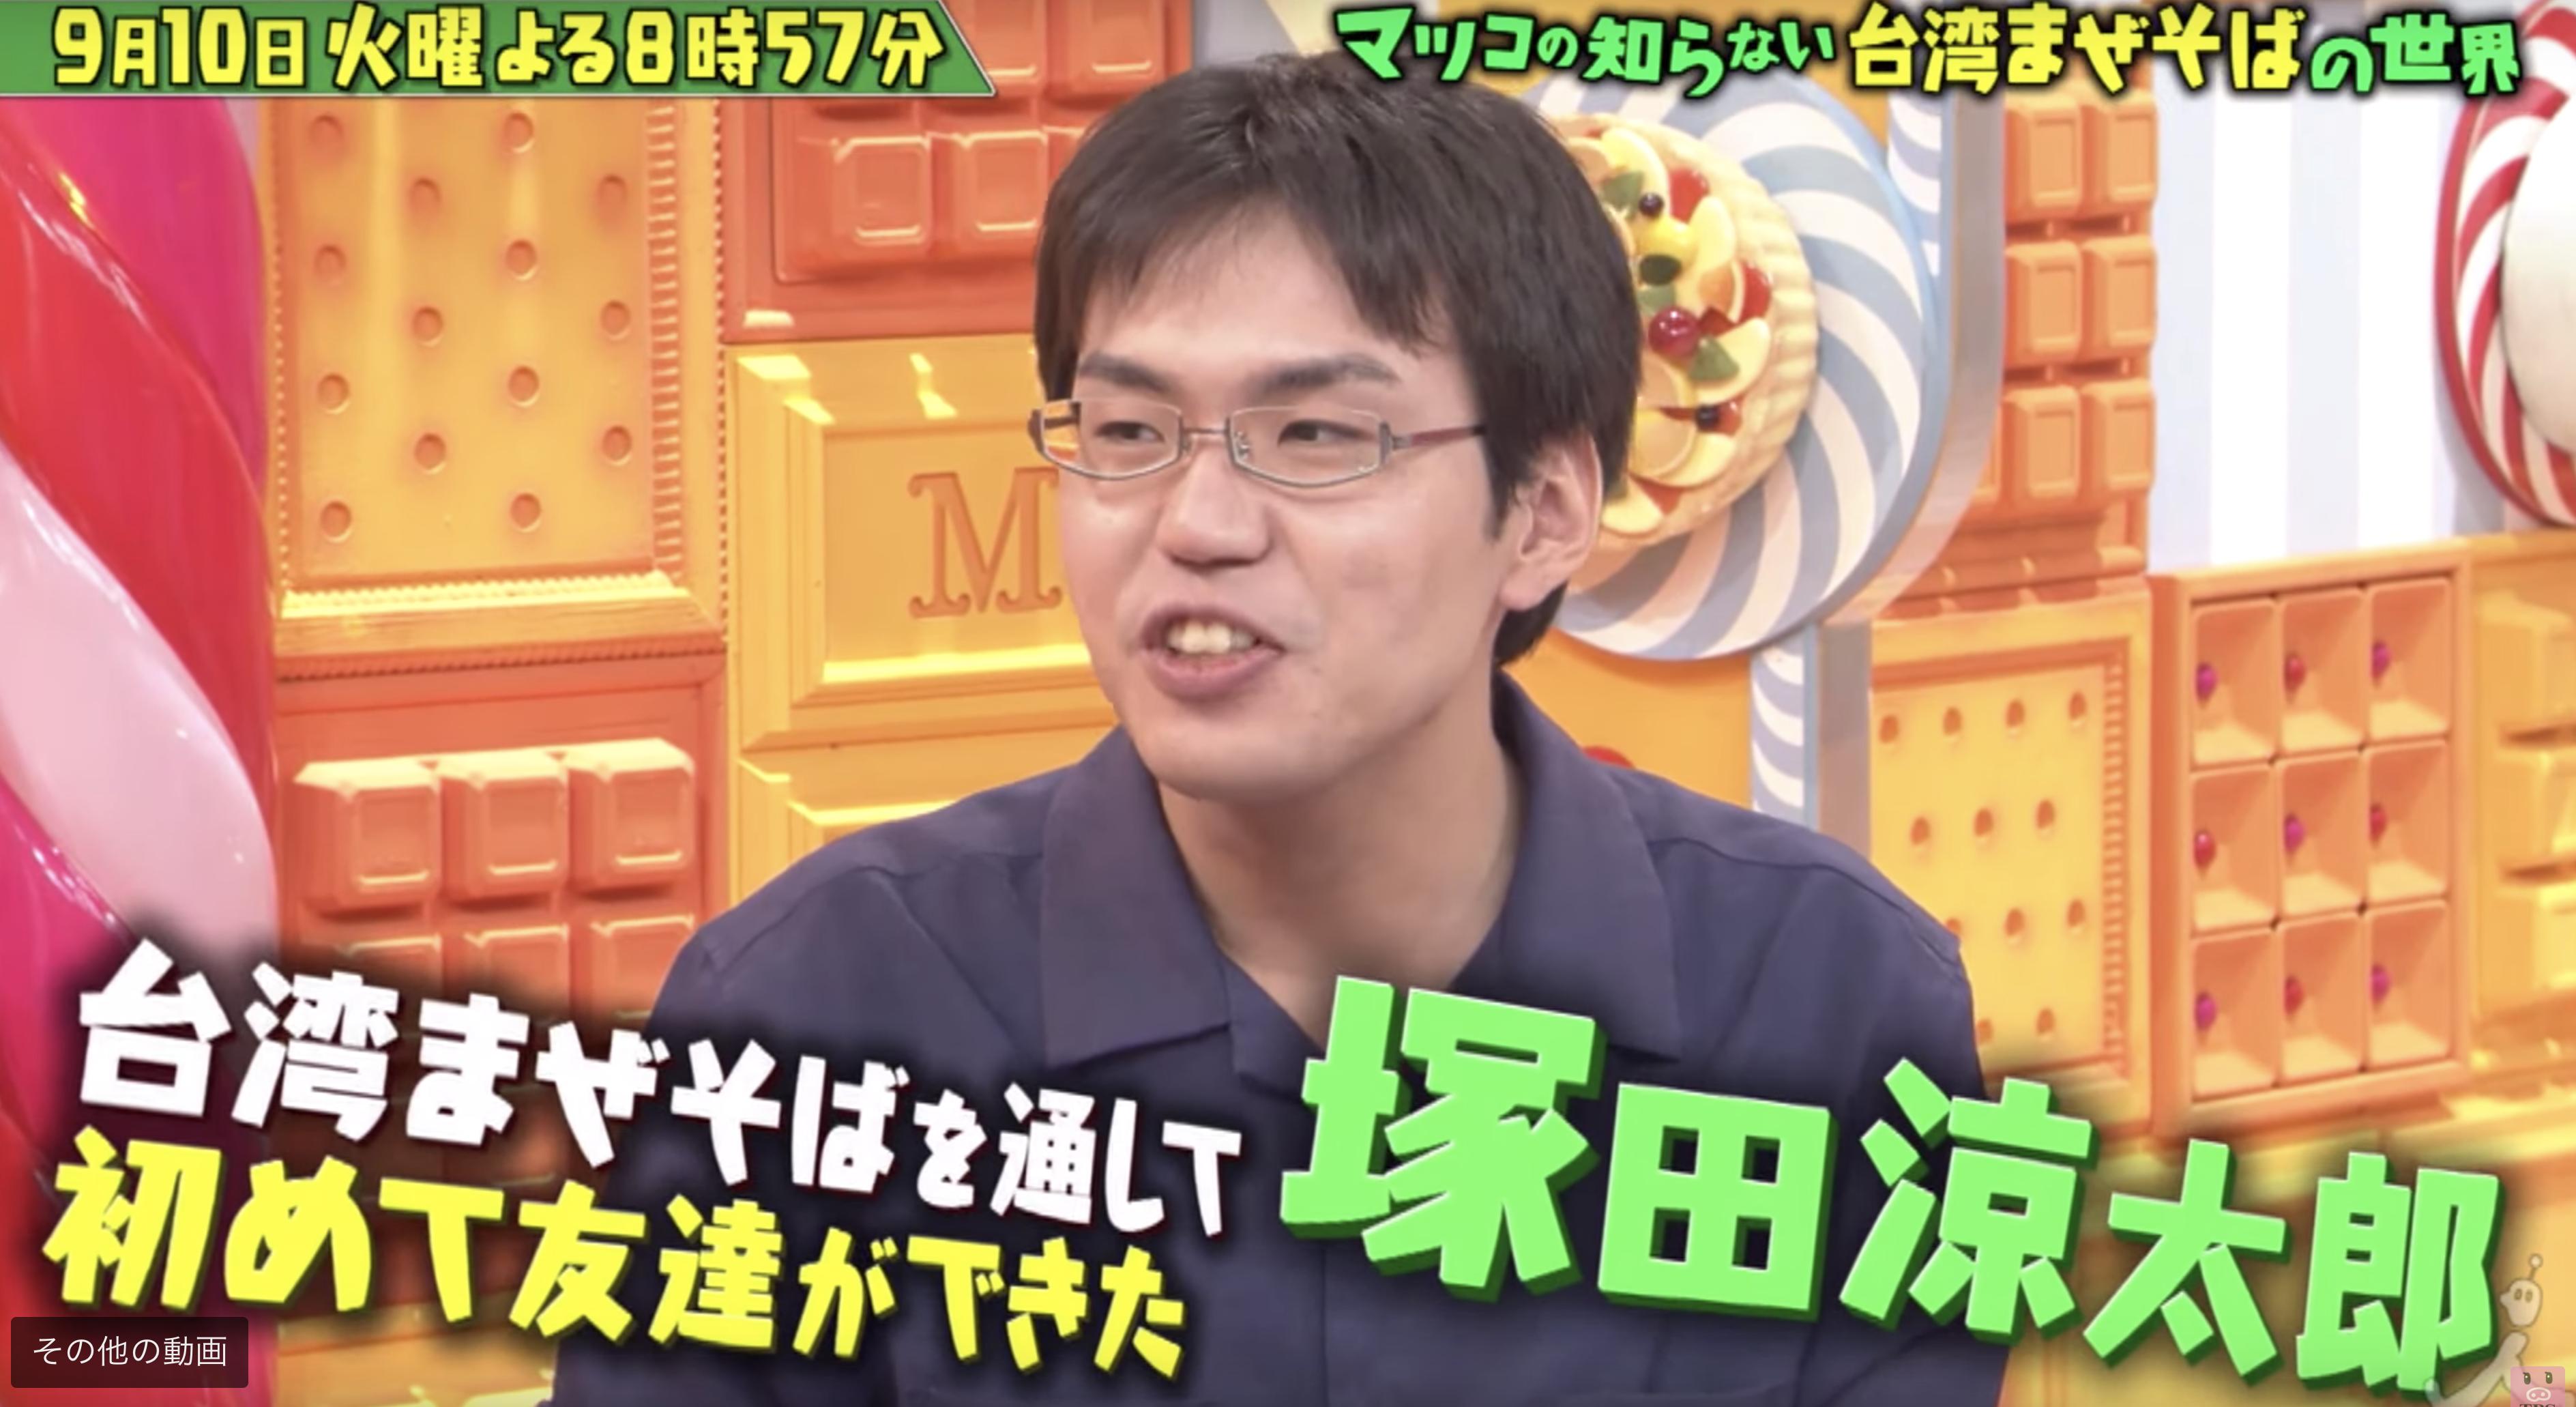 塚田涼太郎のwiki風プロフィール!おすすめのお店は?学部も調査!